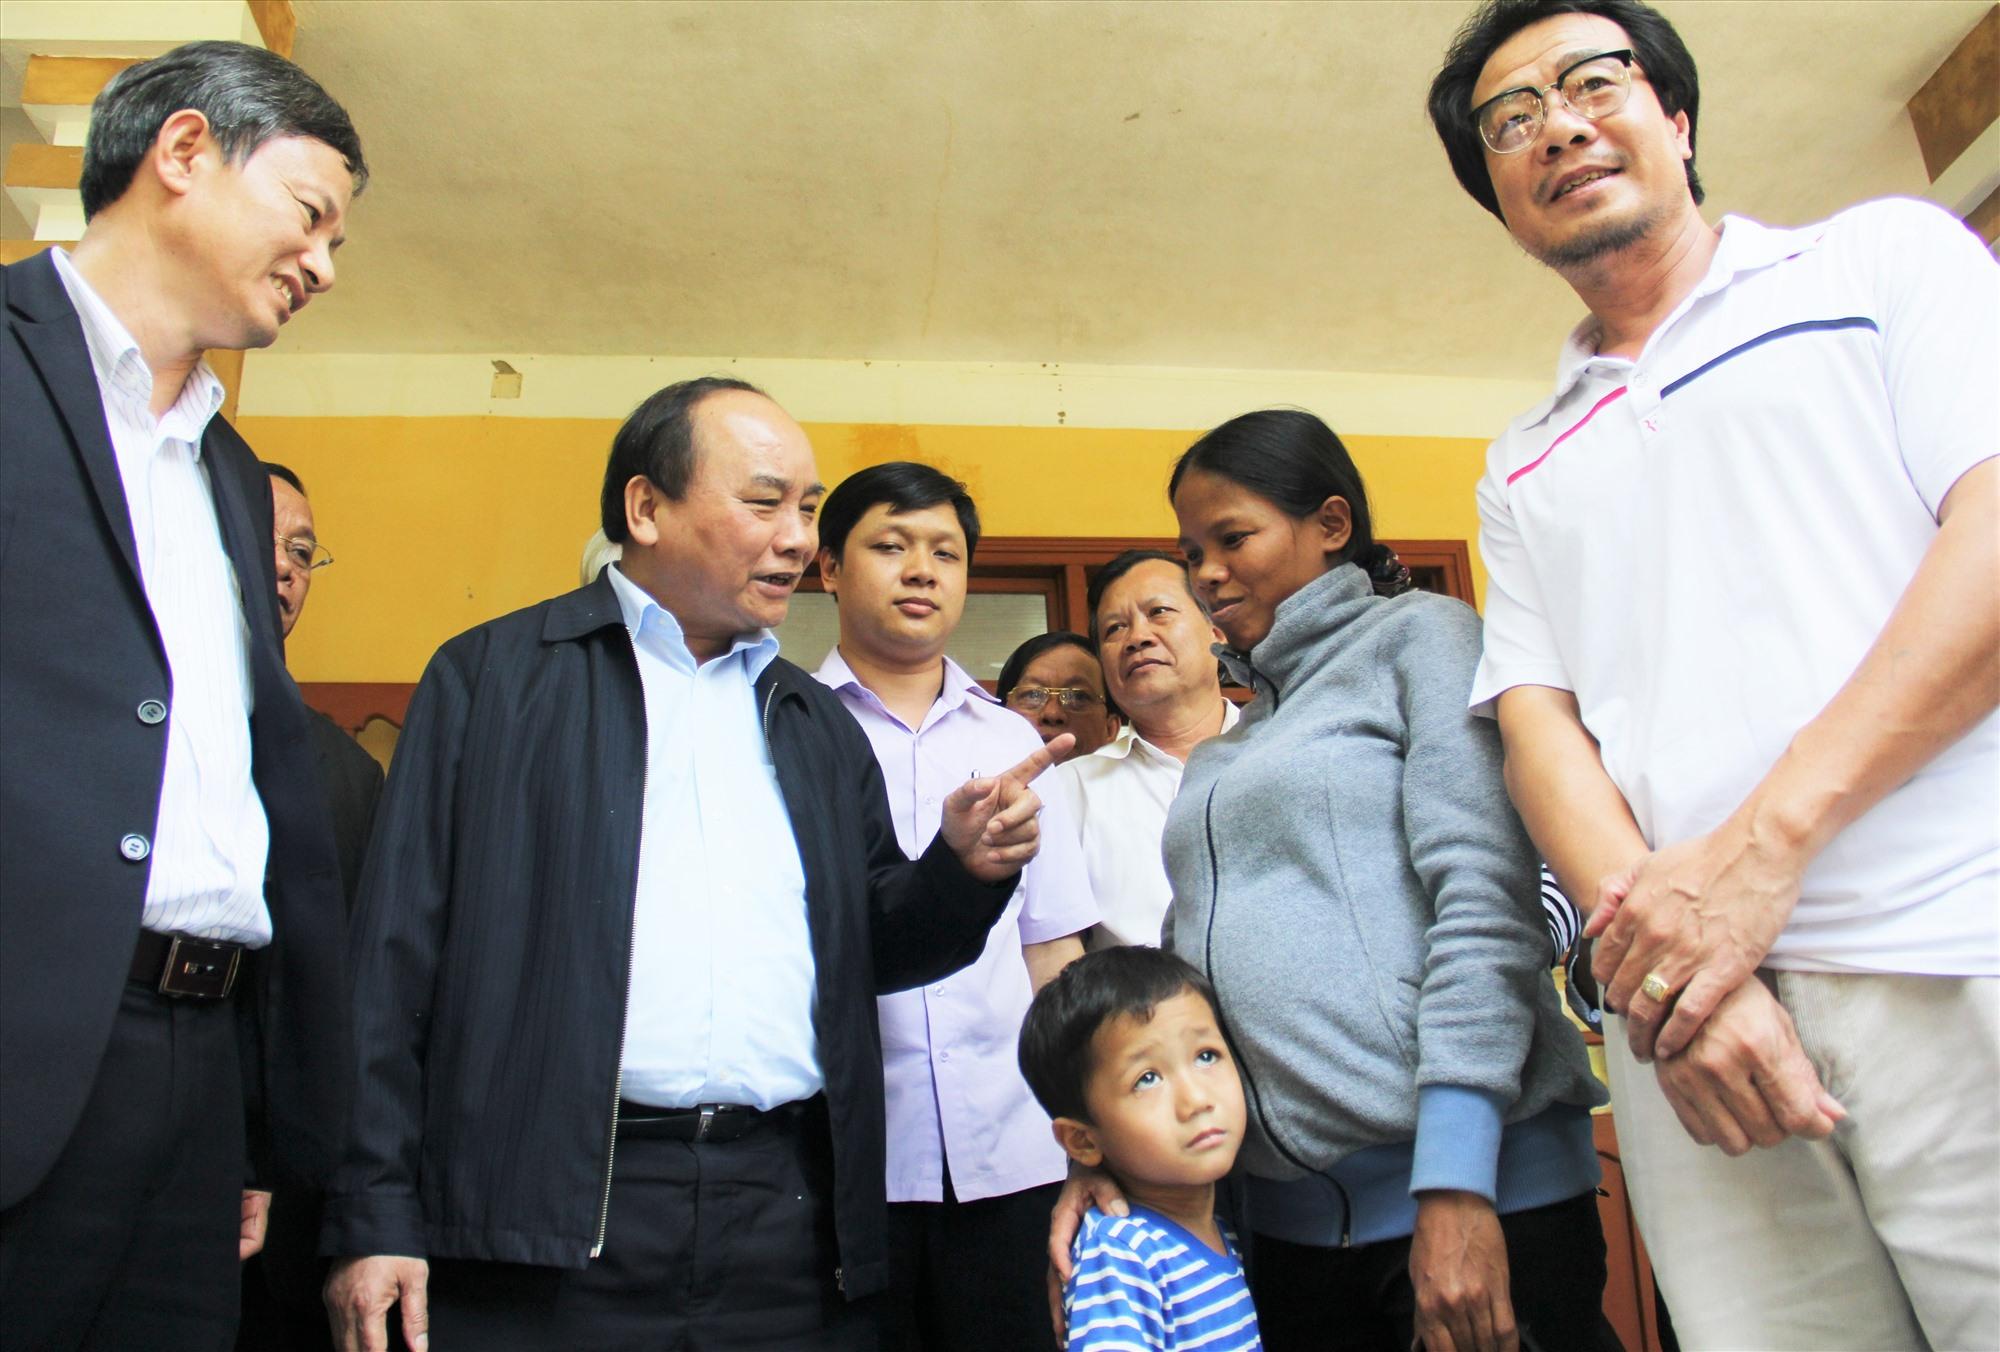 Chị Hồ Thị Hiếu nhận lời động viên của đồng chí Nguyễn Xuân Phúc, vào tháng 3.2016, lúc bấy giờ là Phó Thủ tướng Chính phủ. Ảnh: ALĂNG NGƯỚC